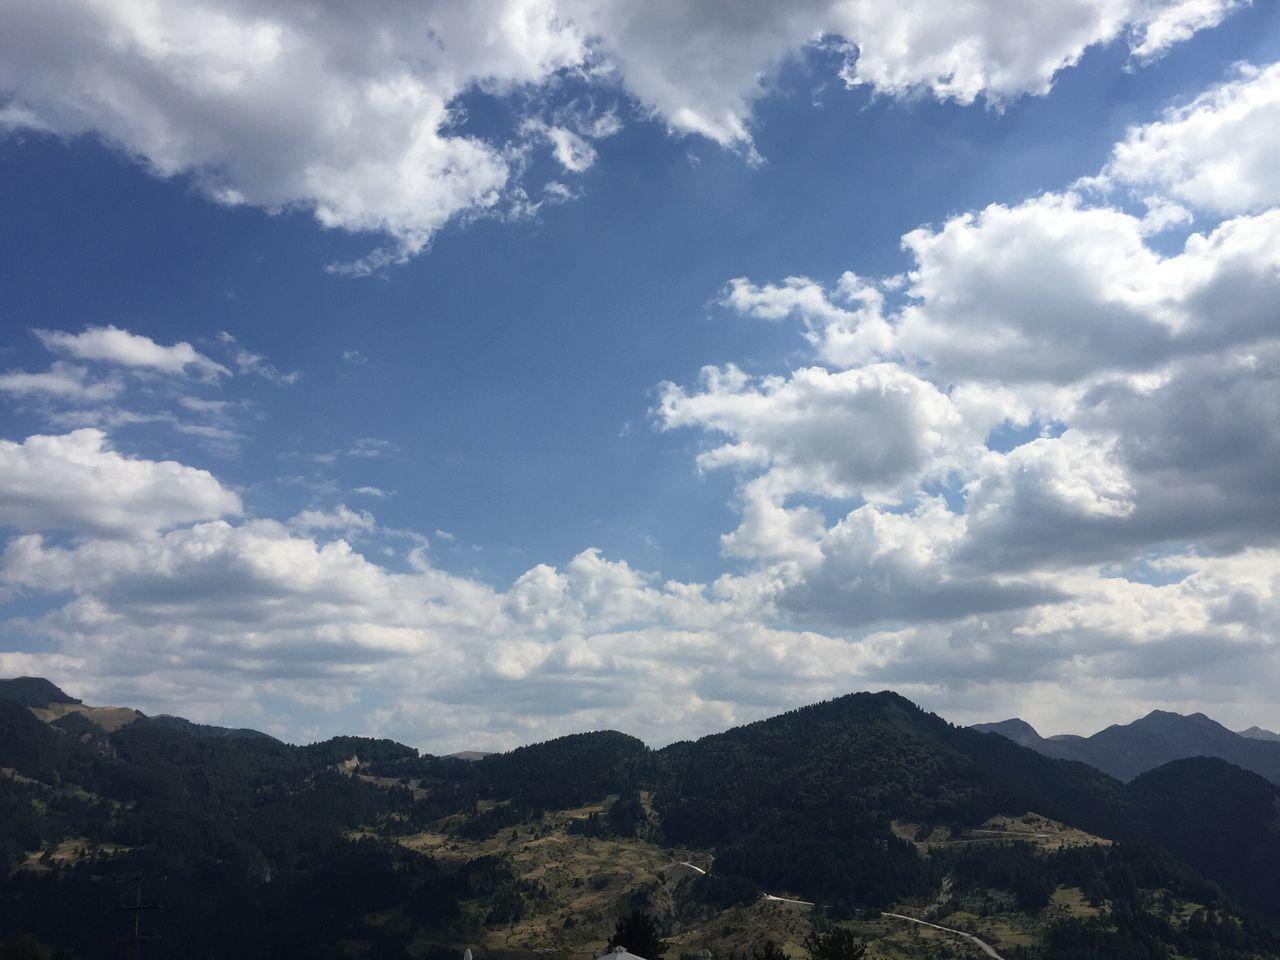 Idyllic Shot Of Landscape Against Sky